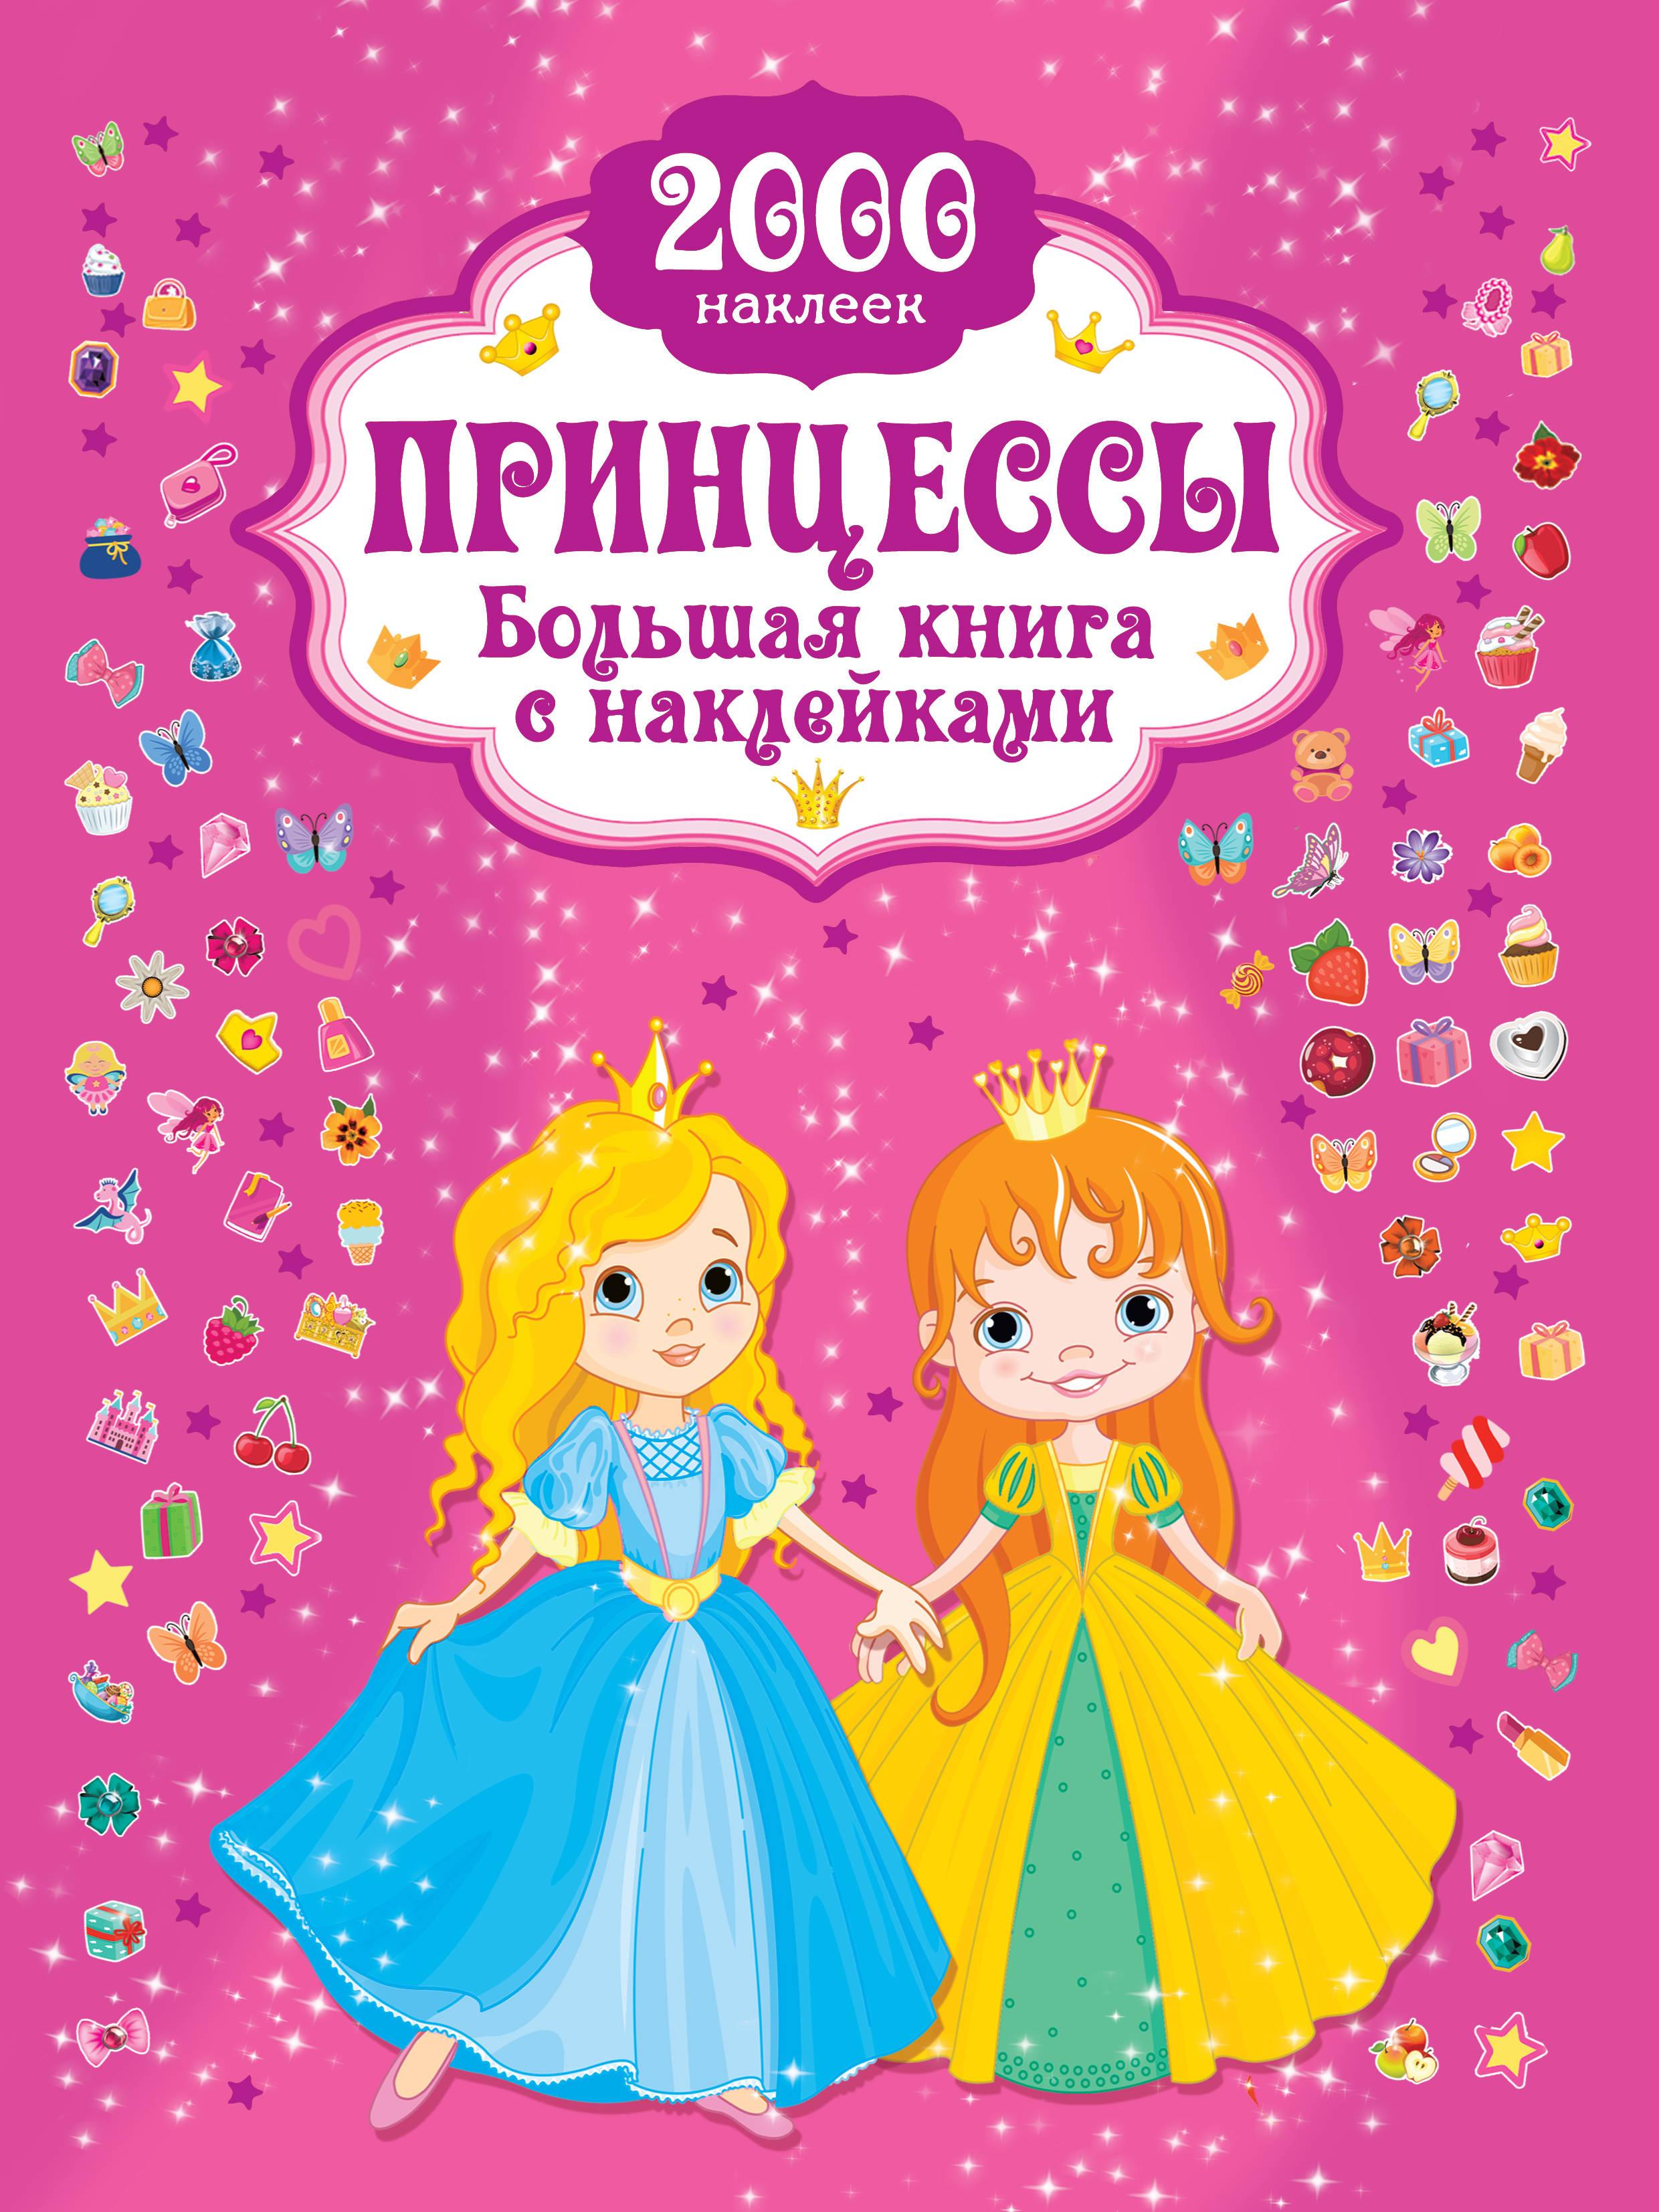 Горбунова И.В. Принцесса. Большая книга с наклейками эксмо книжка с наклейками disney звёздная принцесса и силы зла 500 наклеек для разных миров